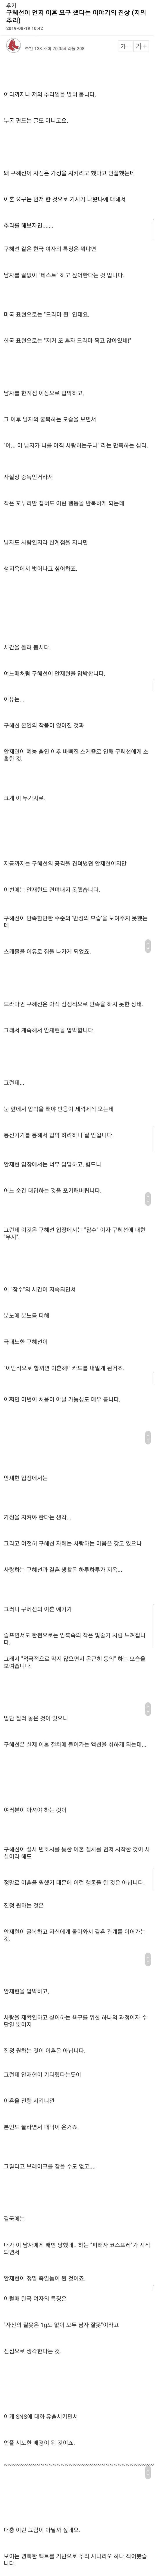 1.png 구혜선 이혼 요구 당시 모든걸 예측했던 유저